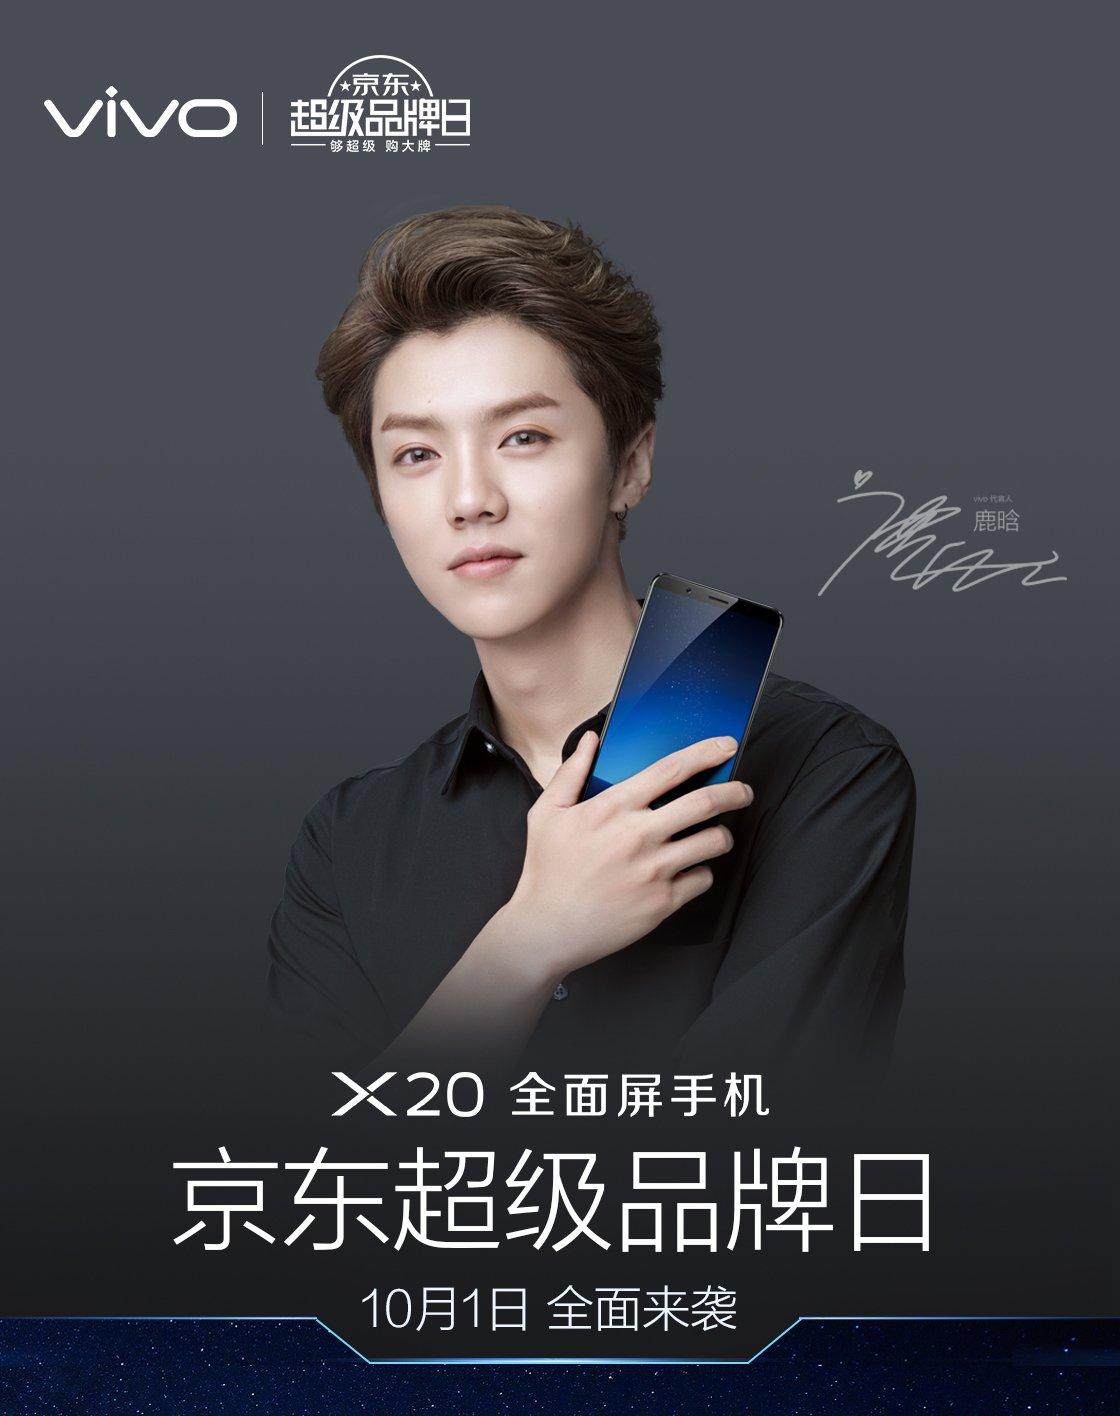 [17.09.29] Actualización – Weibo de Vivo Smartphone #LuHanVivo #LuHan https://t.co/ccEKrwZIXz Crédito: vivo官方商城 https://t.co/wz8KX1MhDp